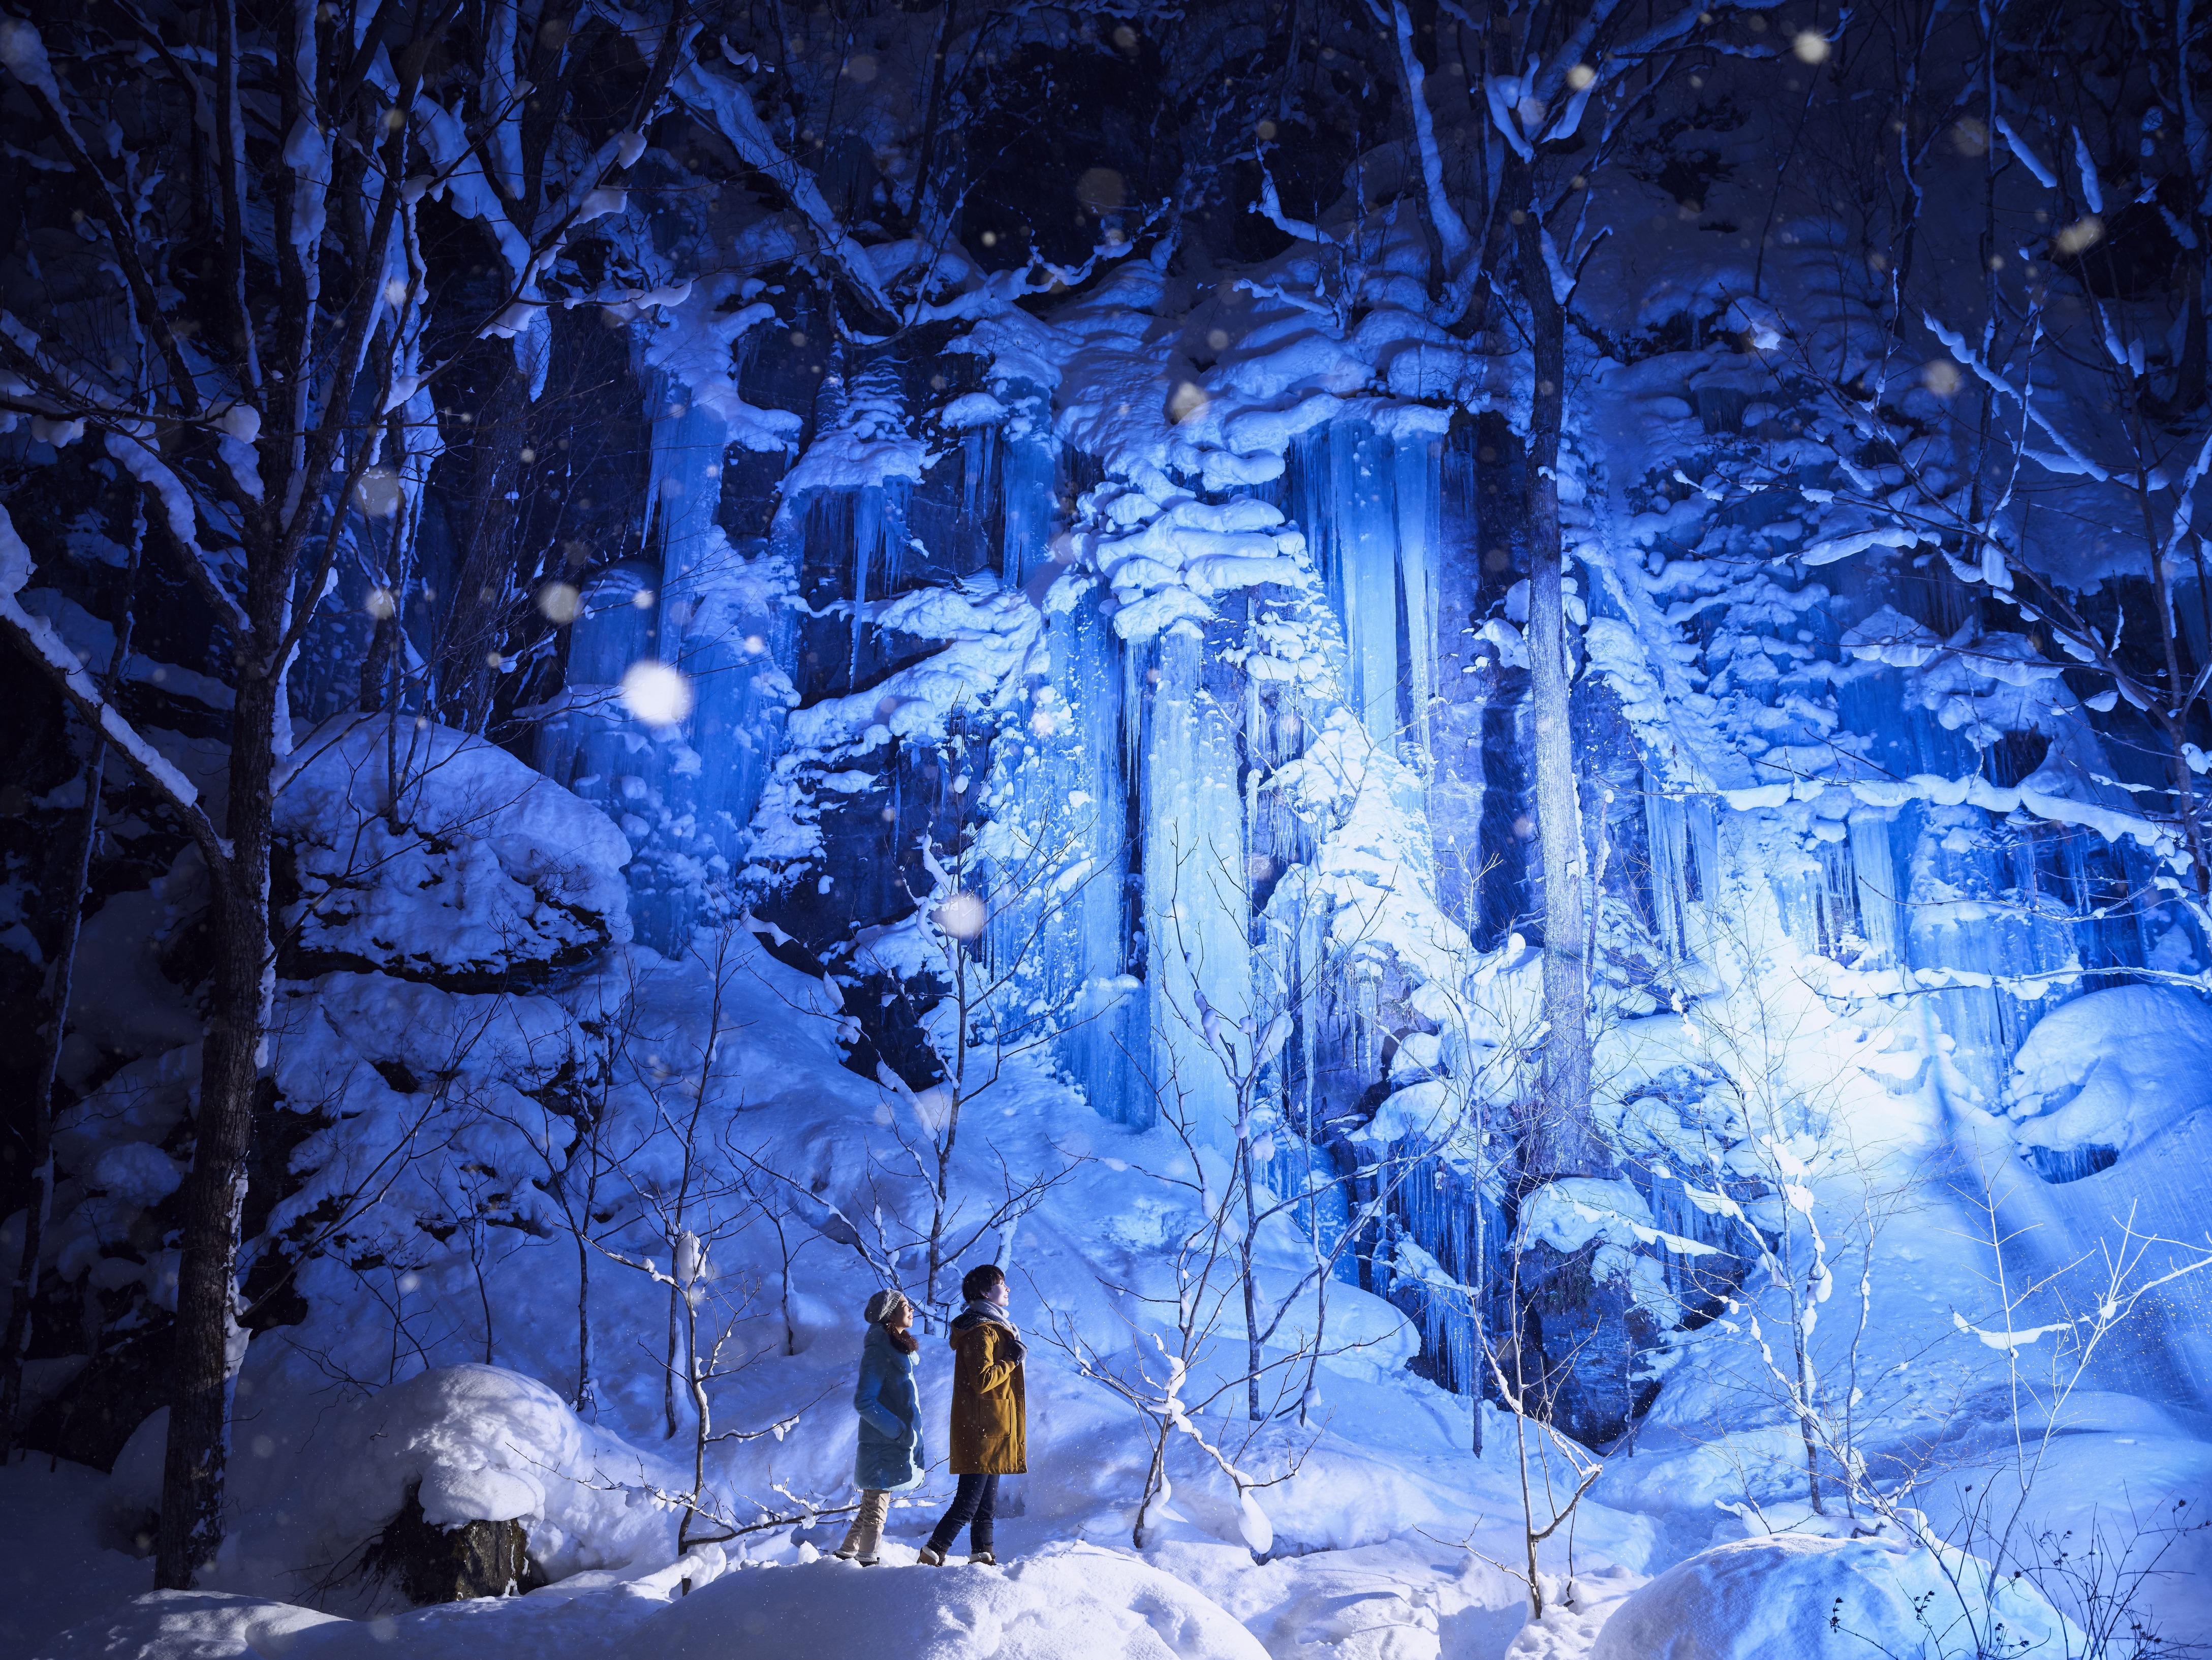 迫力満点の氷瀑を肌で感じる!『星野リゾート 奥入瀬渓流ホテル』の氷瀑プログラムが話題!